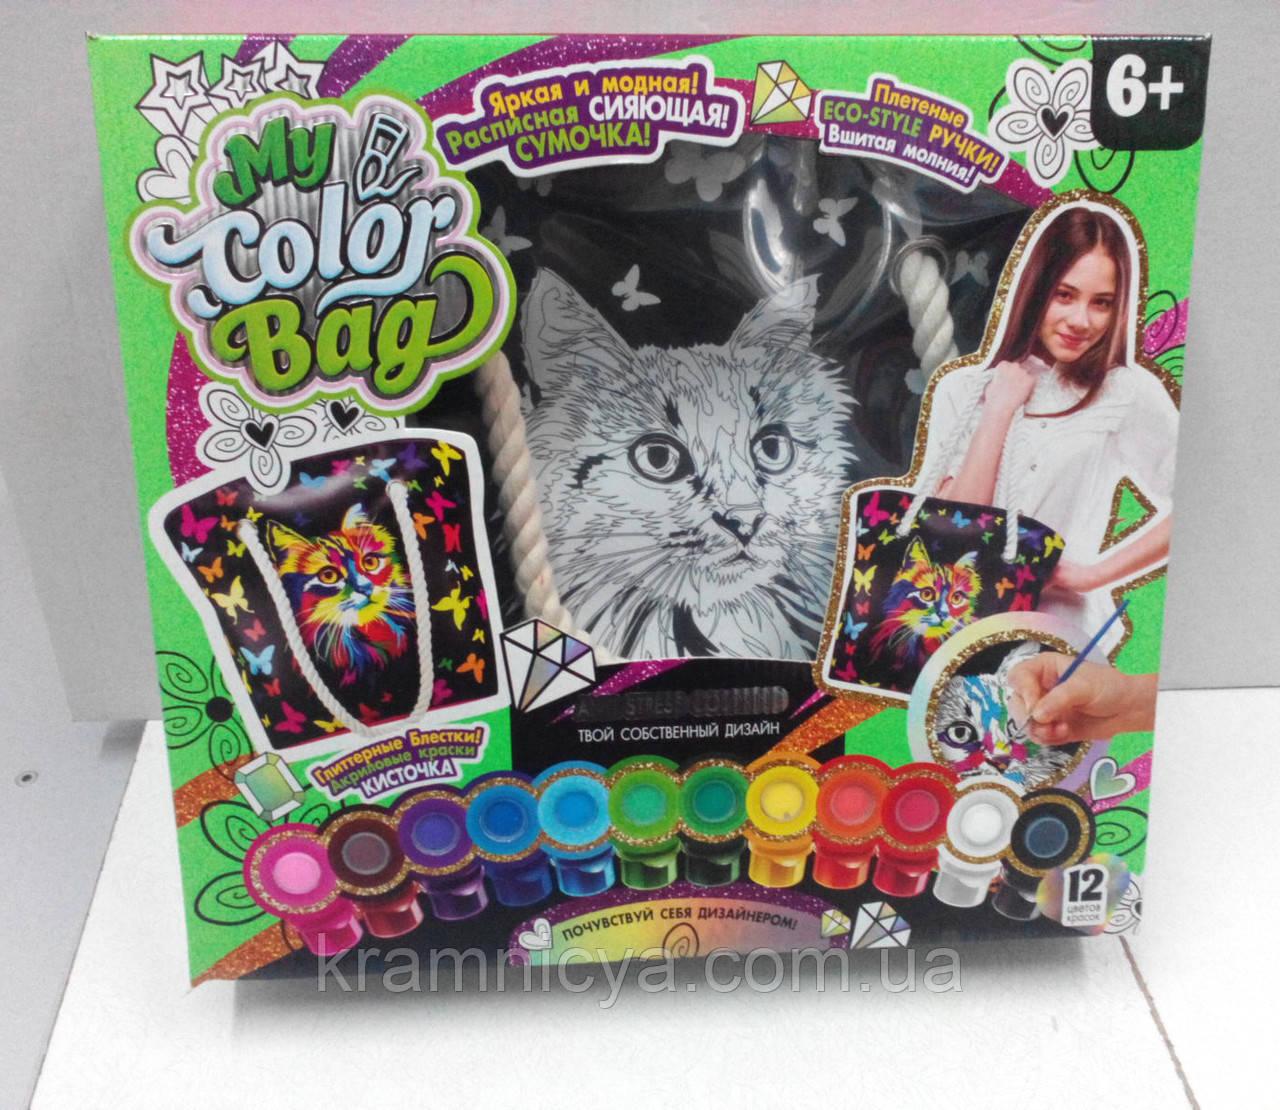 Сумка-раскраска Котик: купить в интернет-магазине ...